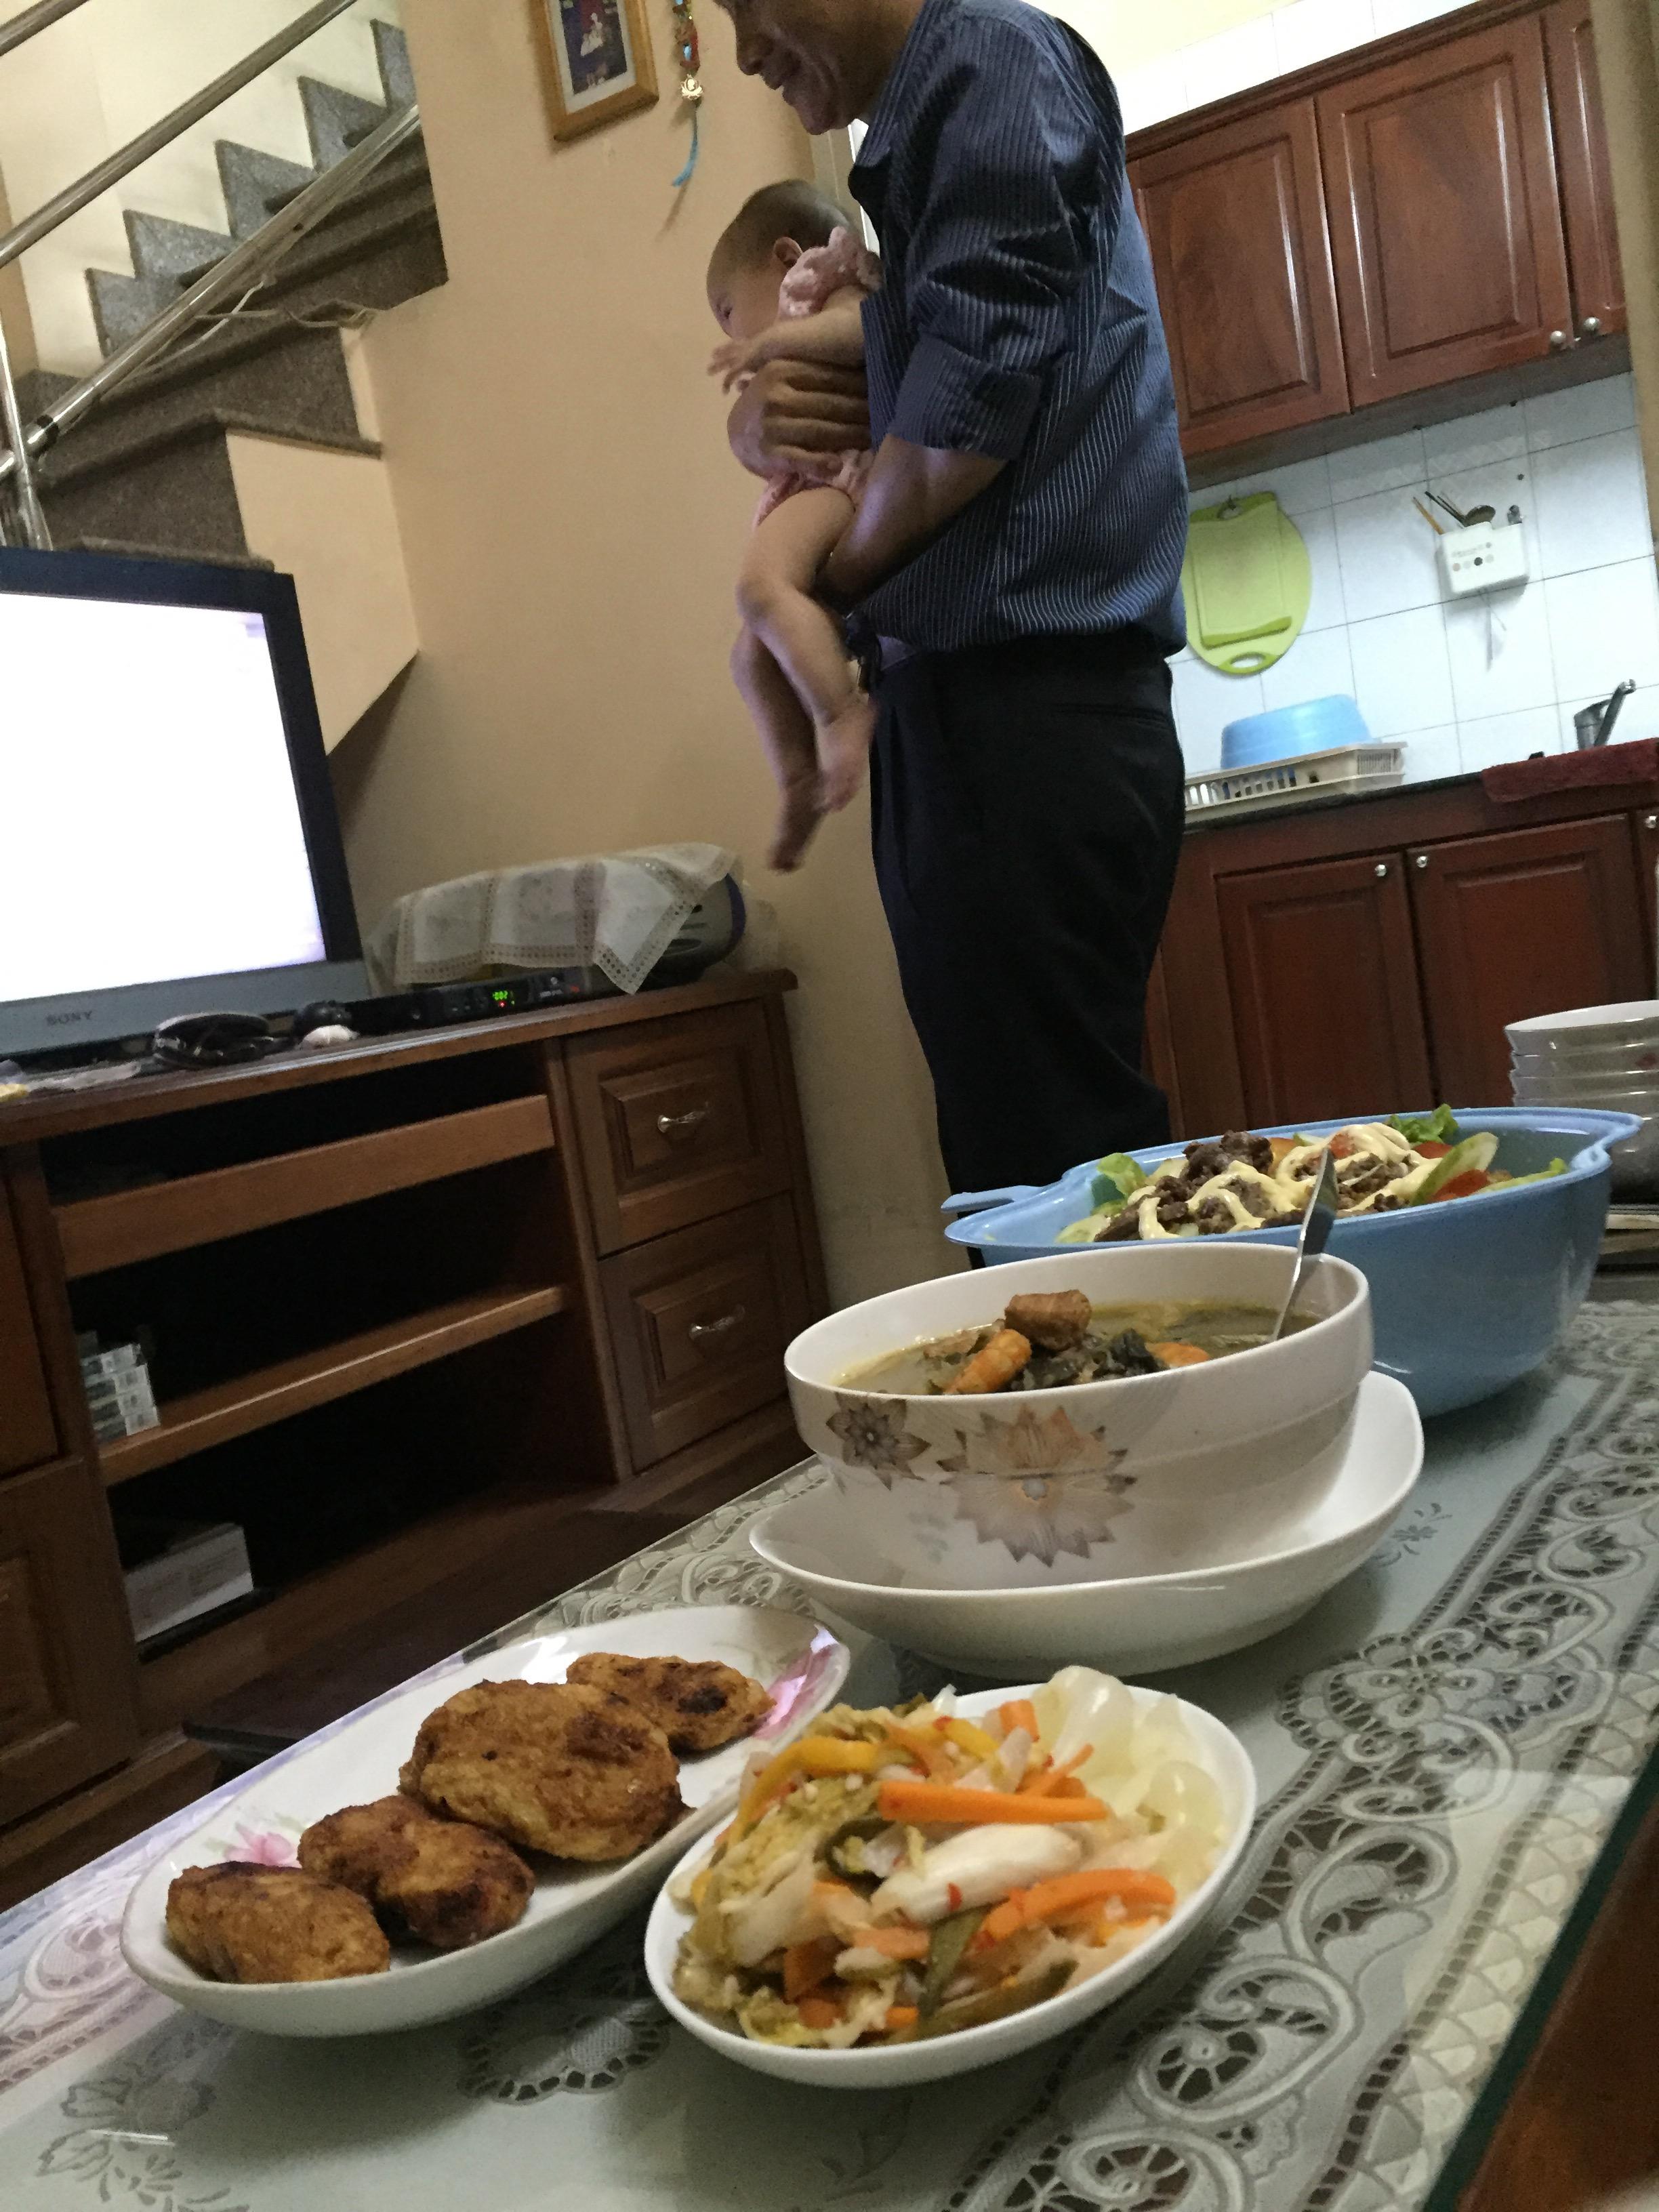 ベトナム人は赤ちゃん好き?